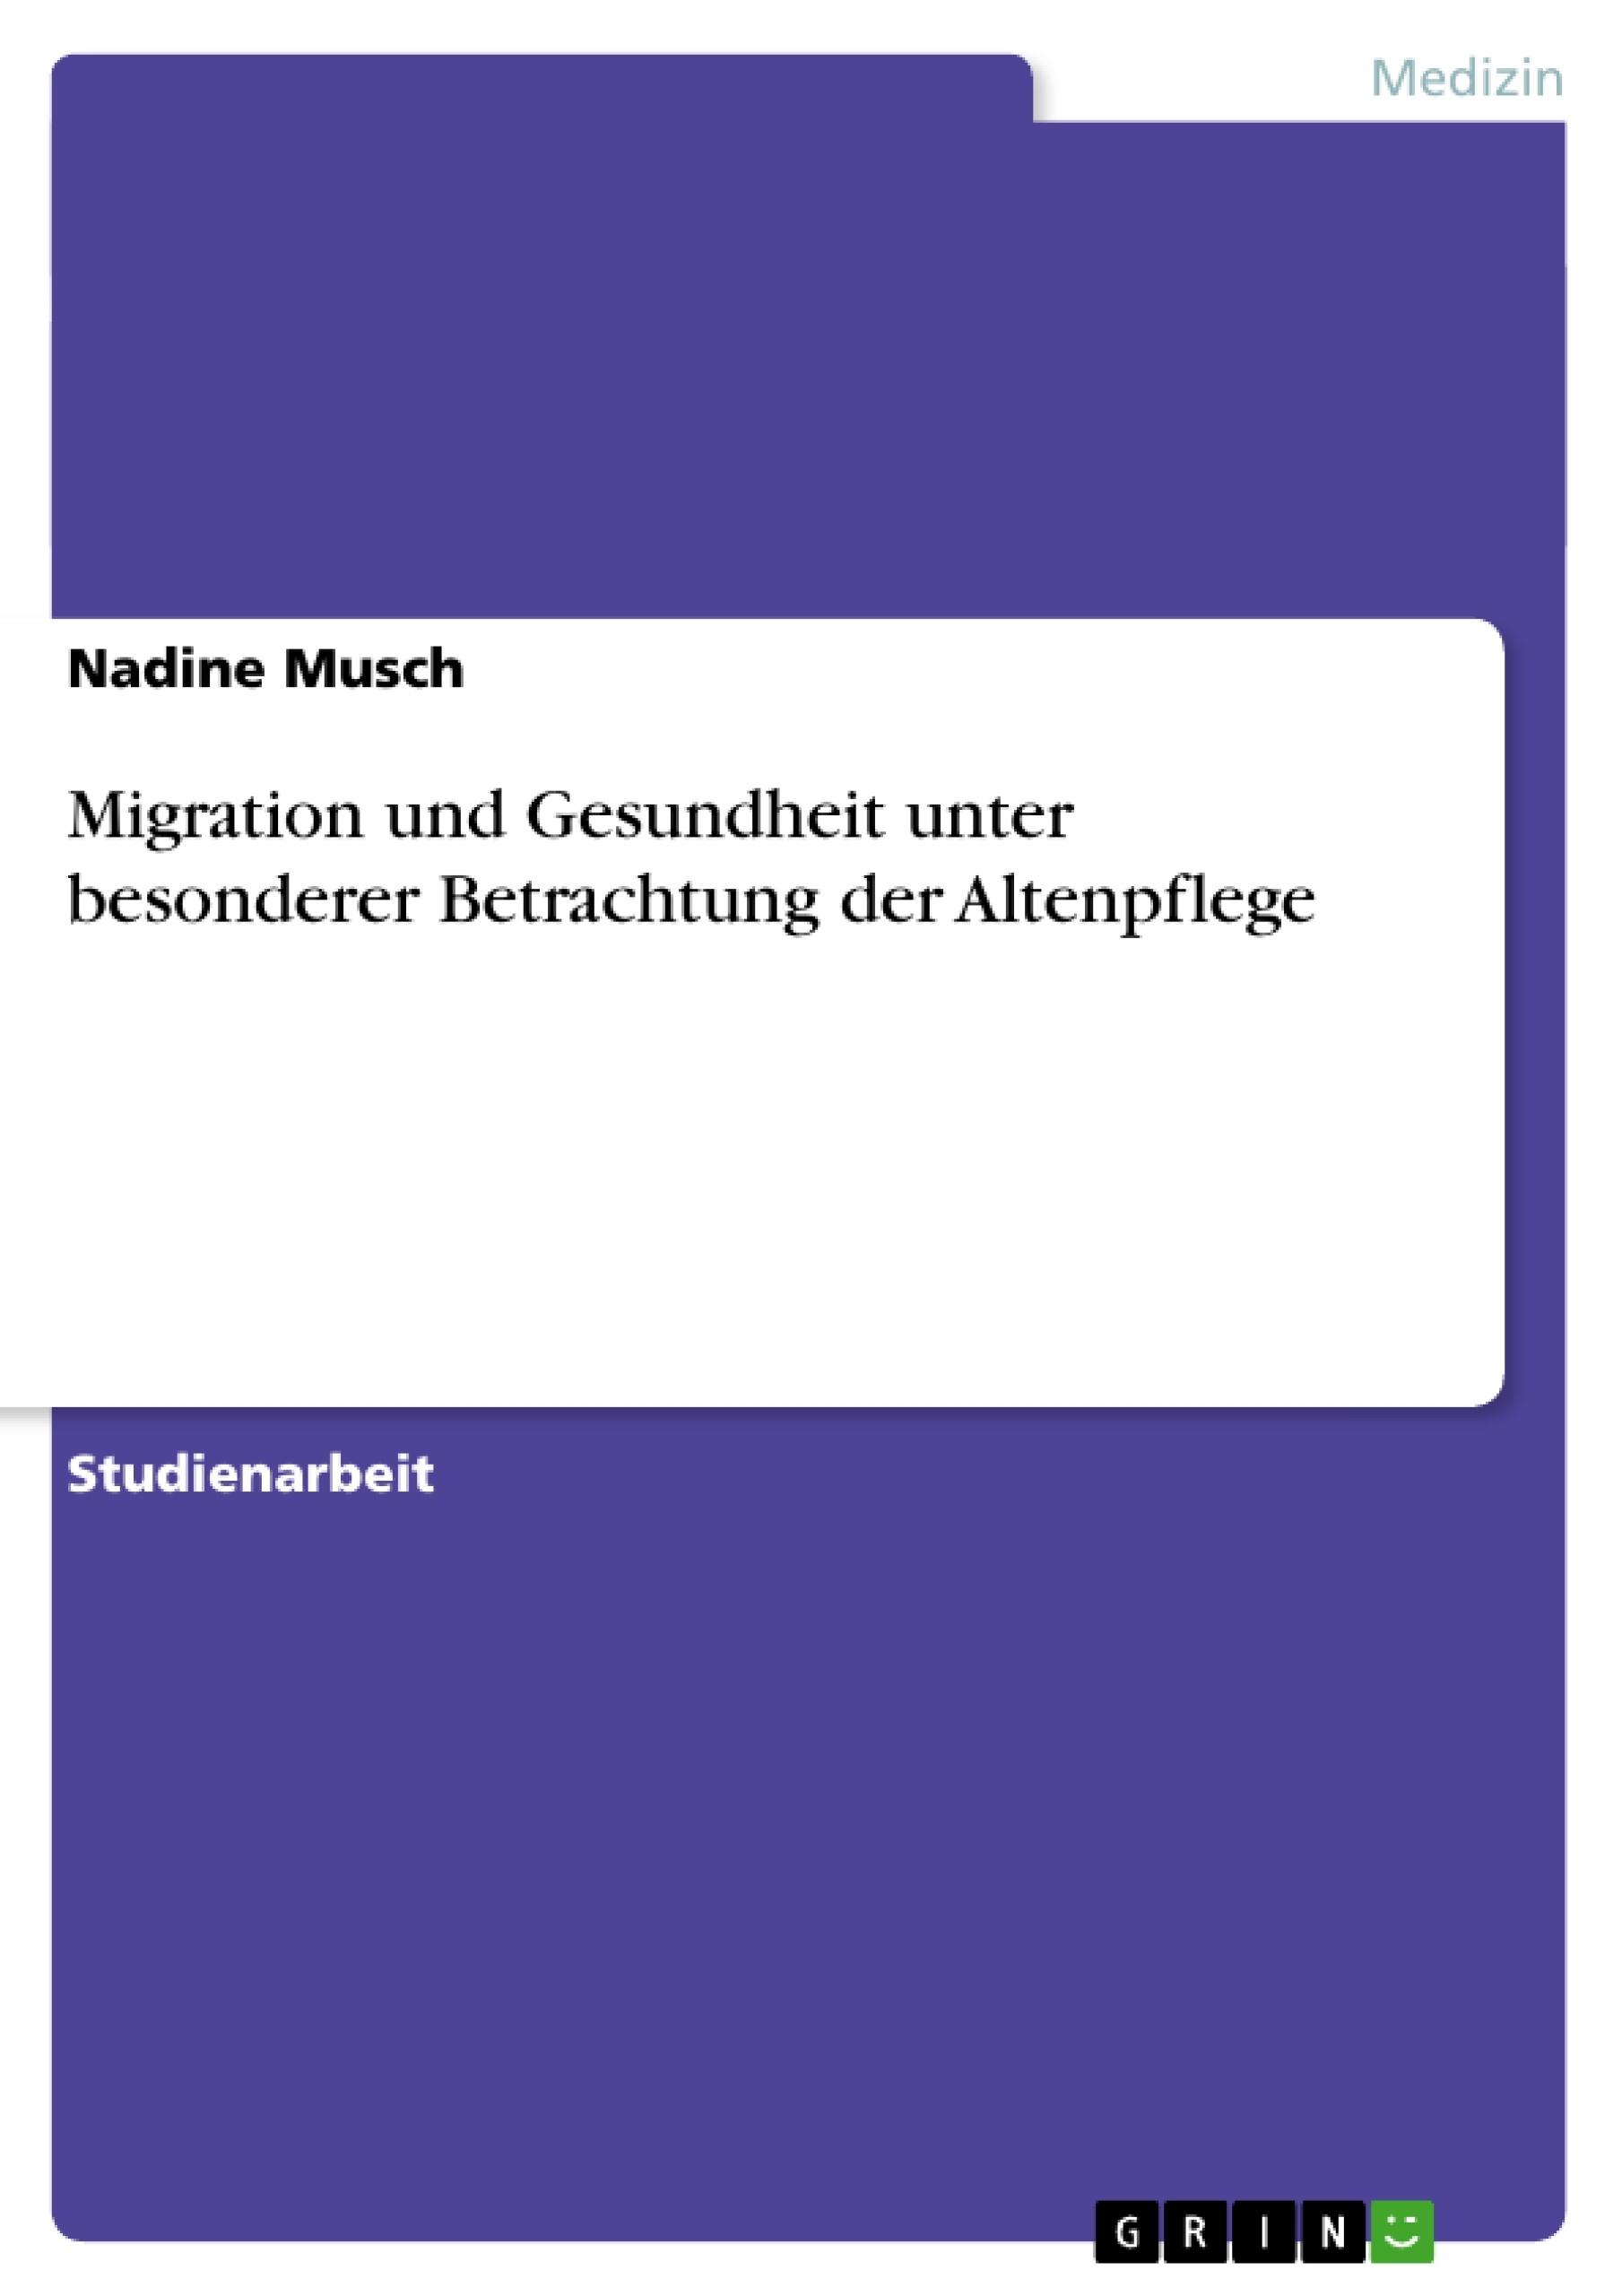 Titel: Migration und Gesundheit unter besonderer Betrachtung der Altenpflege